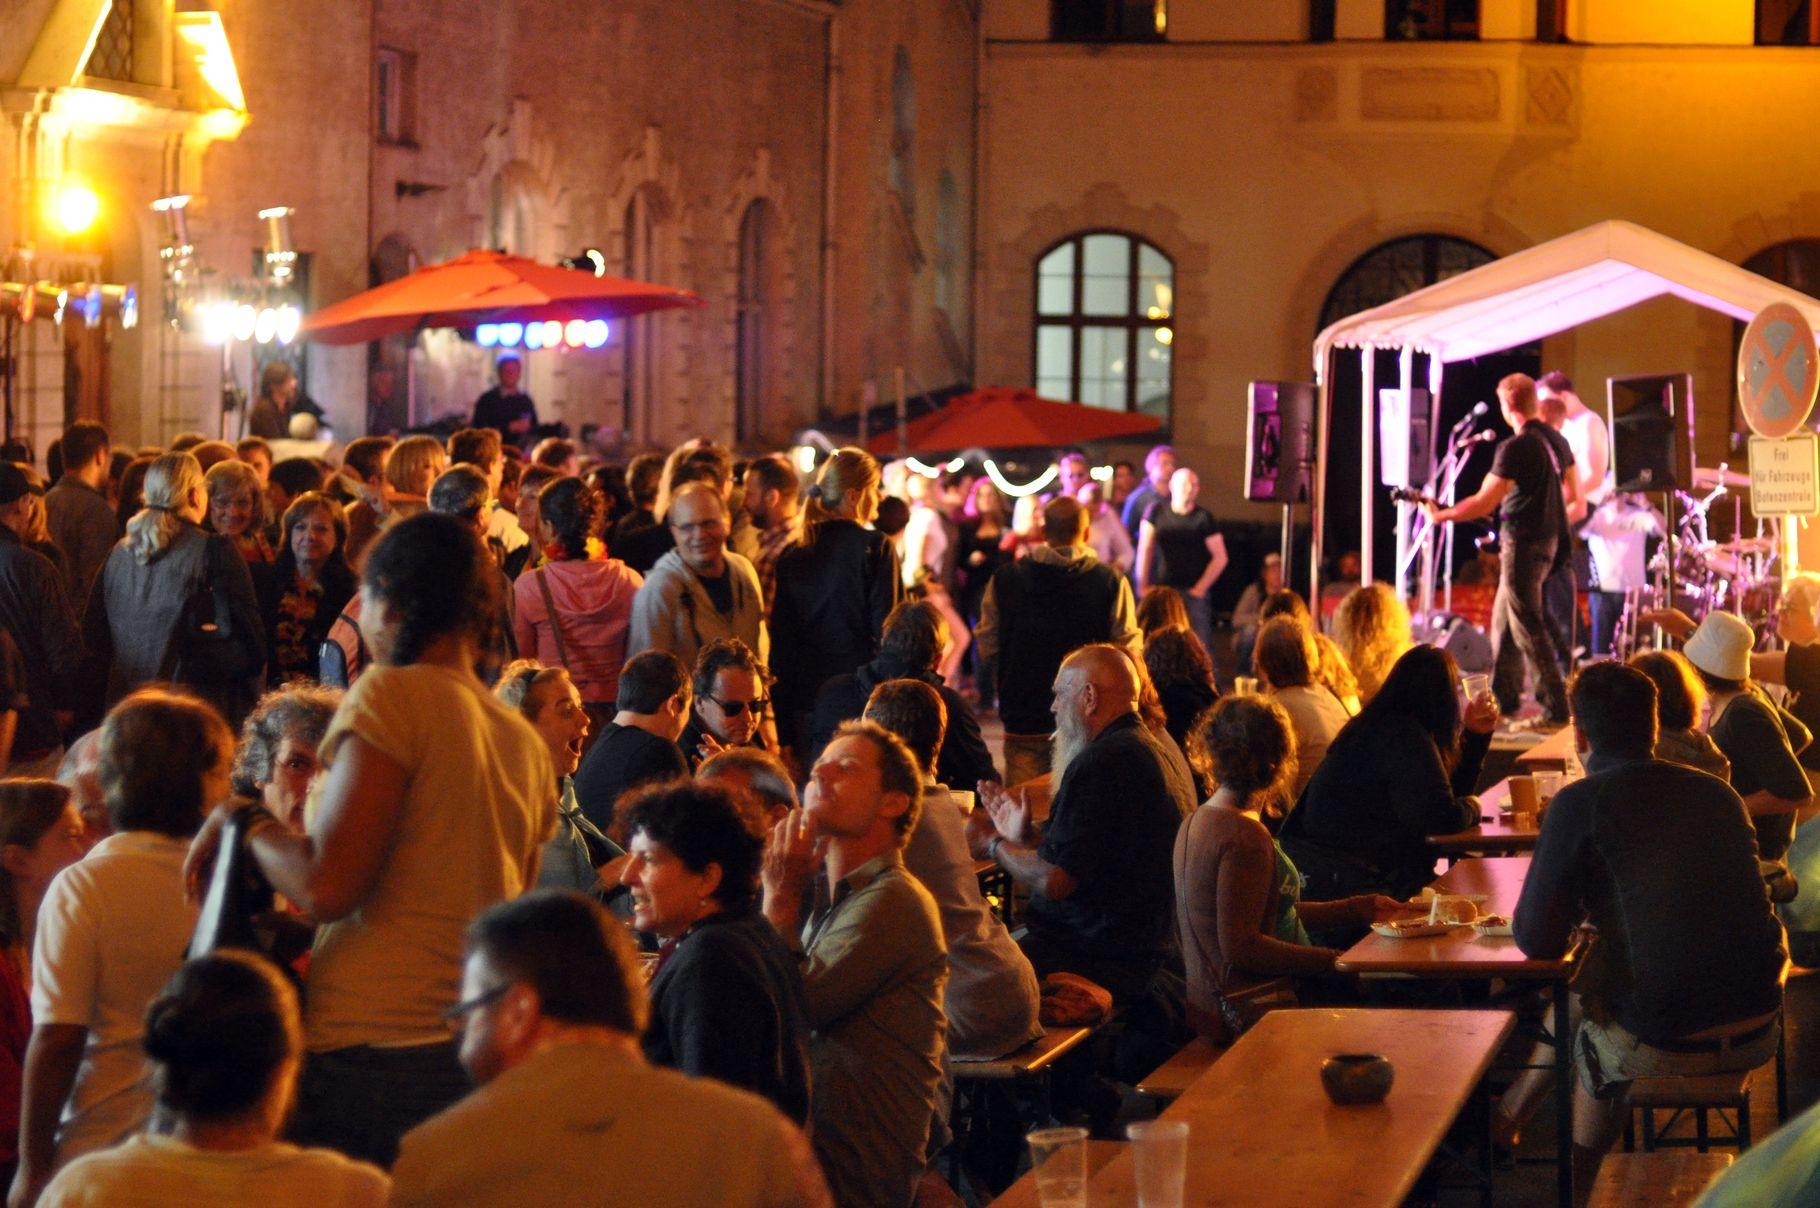 Konzerte im Bürgerhof 22.06.2012 - Freiwilligen-Zentrum Augsburg - Foto: Martin Schönberger